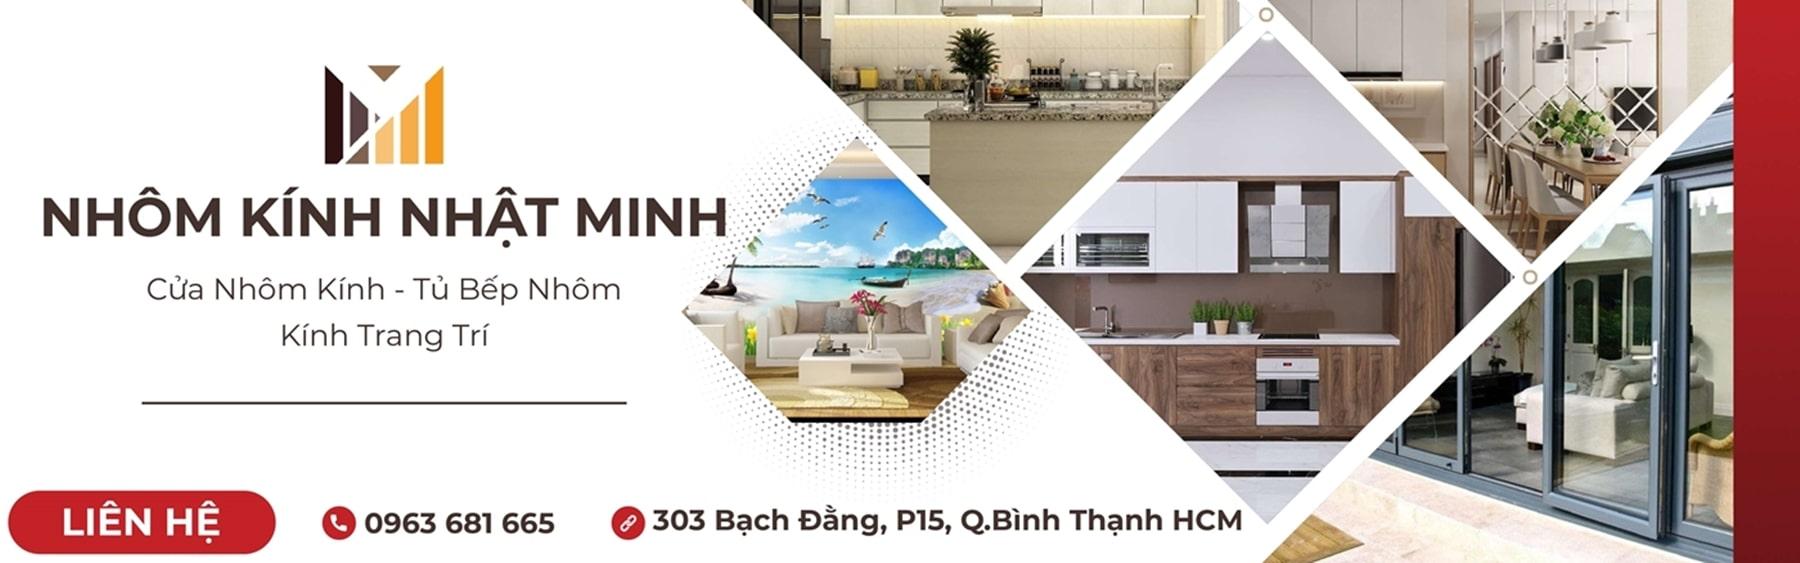 Nhật Minh Glass